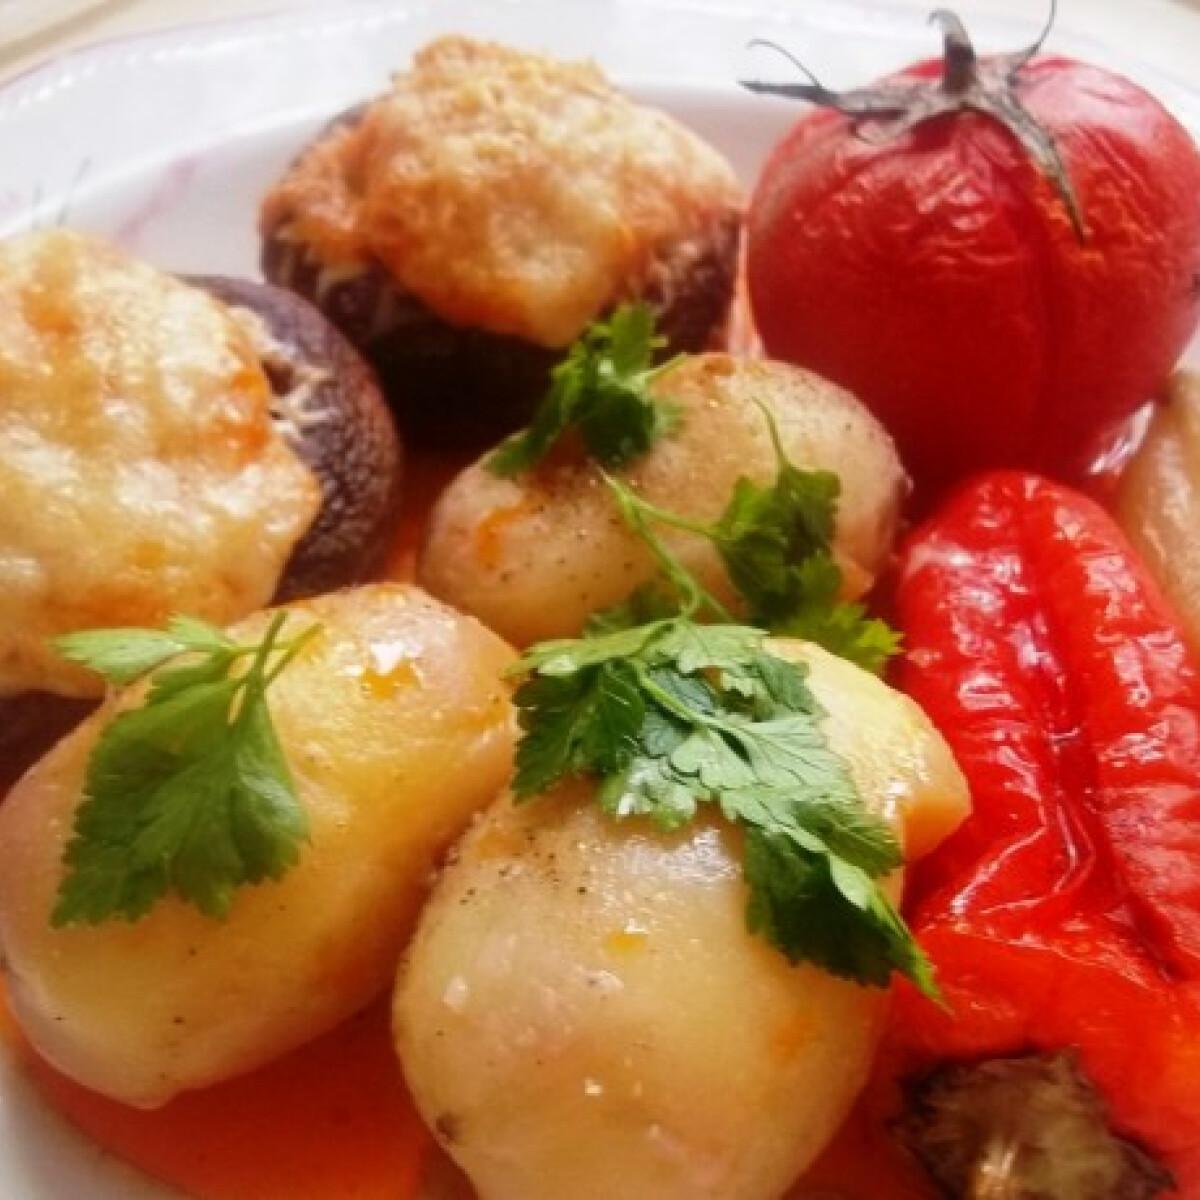 Kolbászhússal és sajttal töltött gomba velesült zöldségekkel